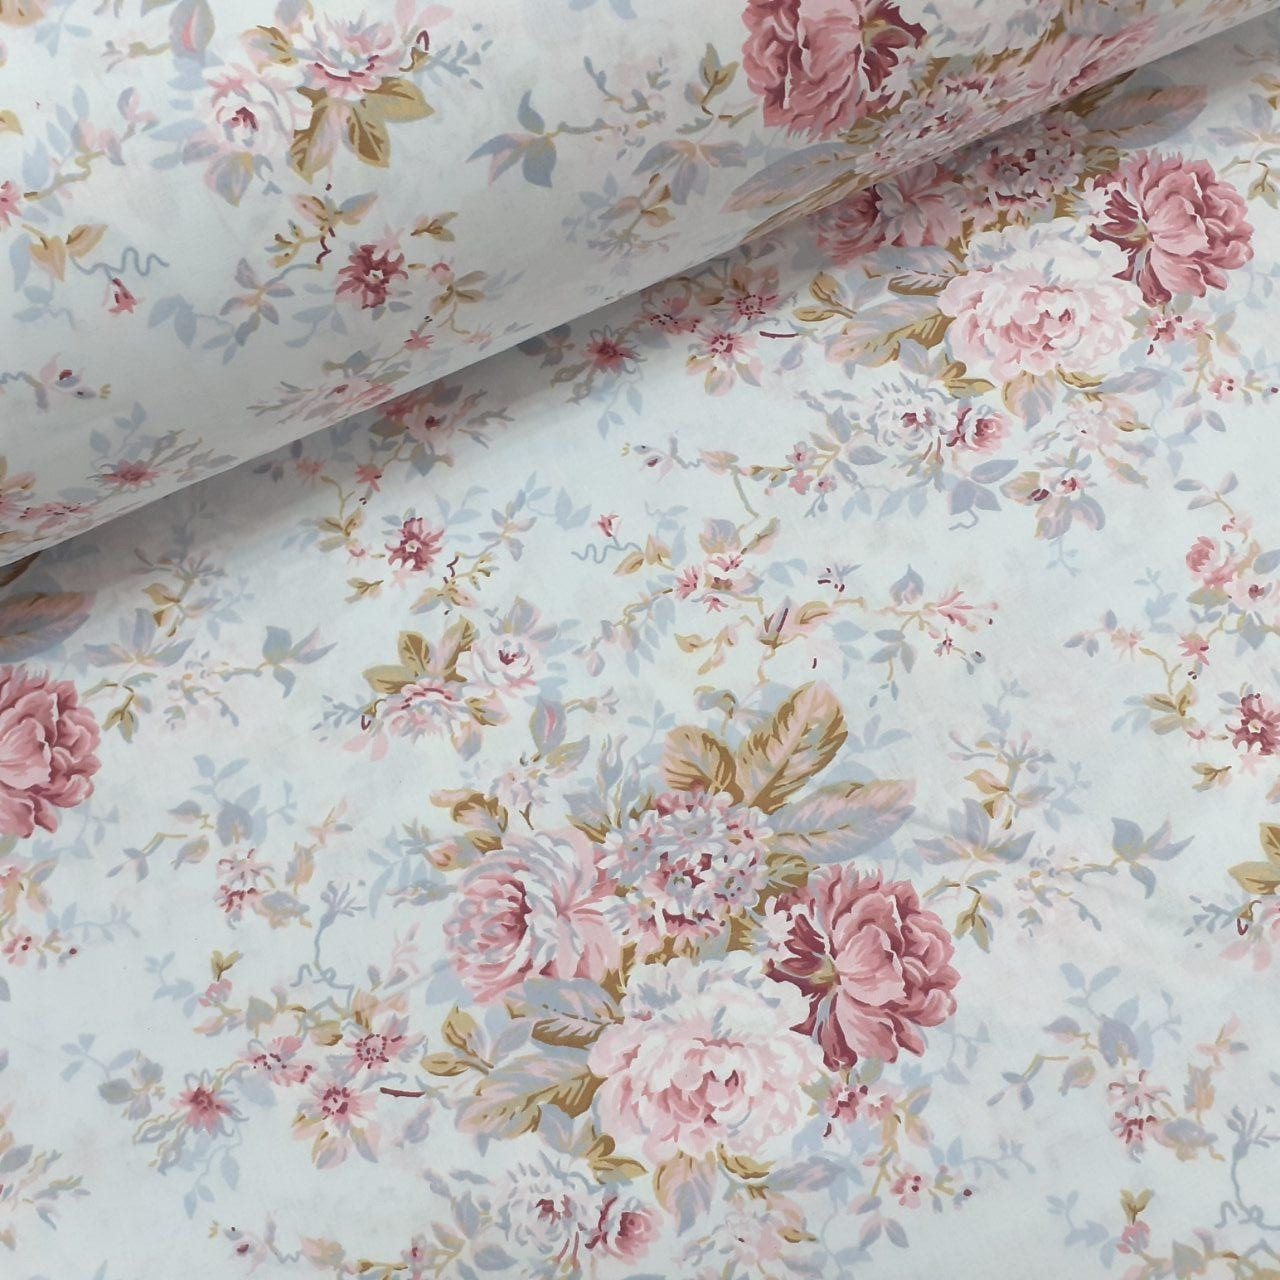 Хлопковая ткань (ТУРЦИЯ шир. 2,4 м) цветы в розовых тонах на белом